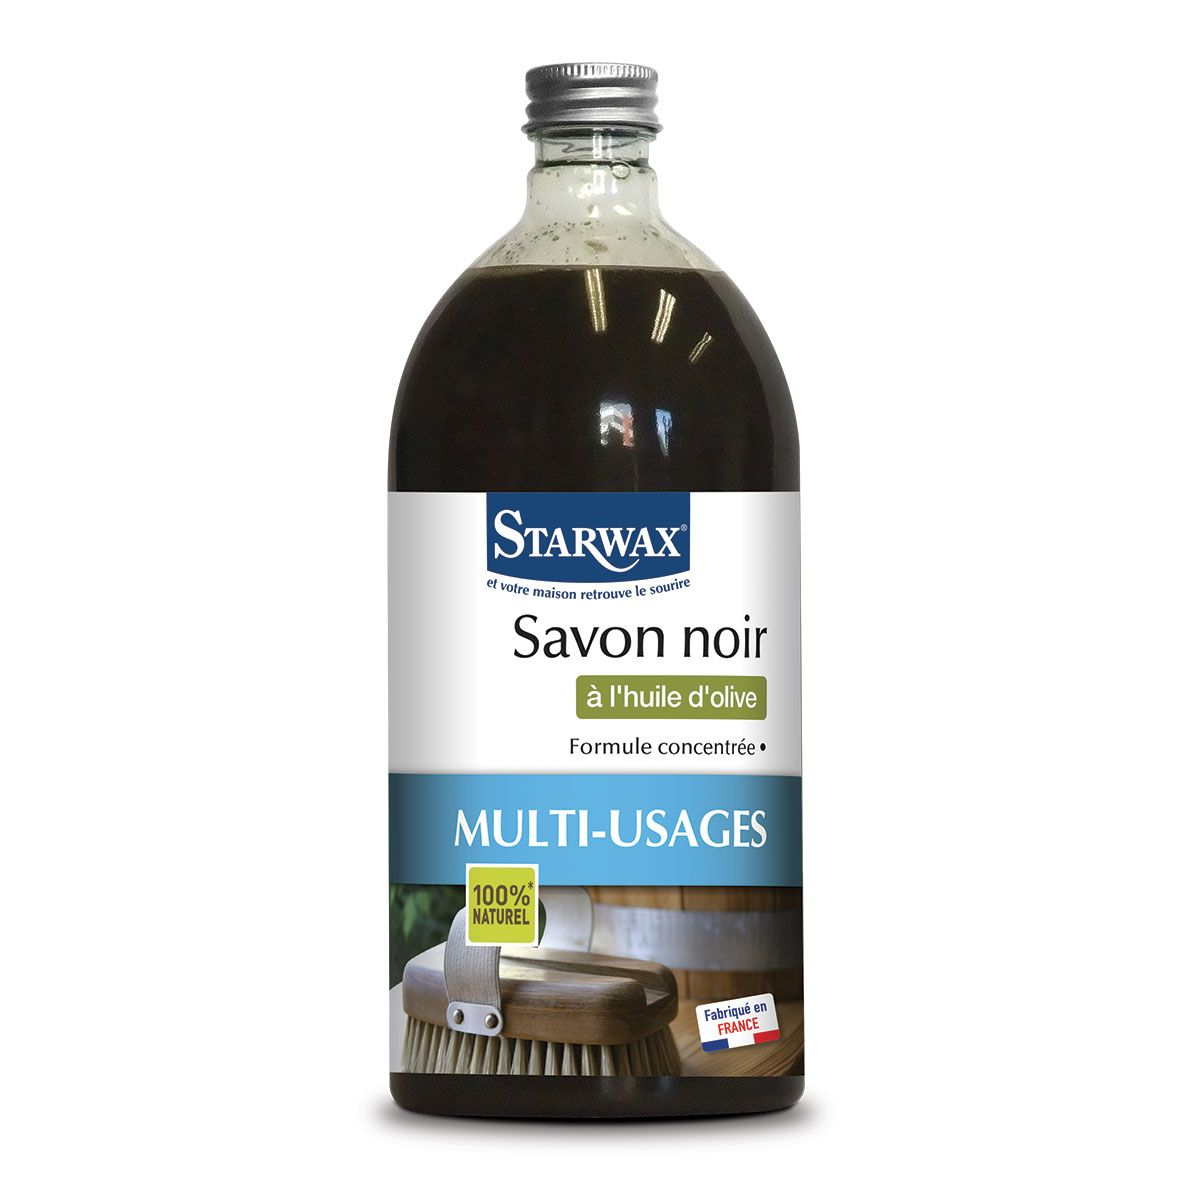 savon noir huile olive starwax